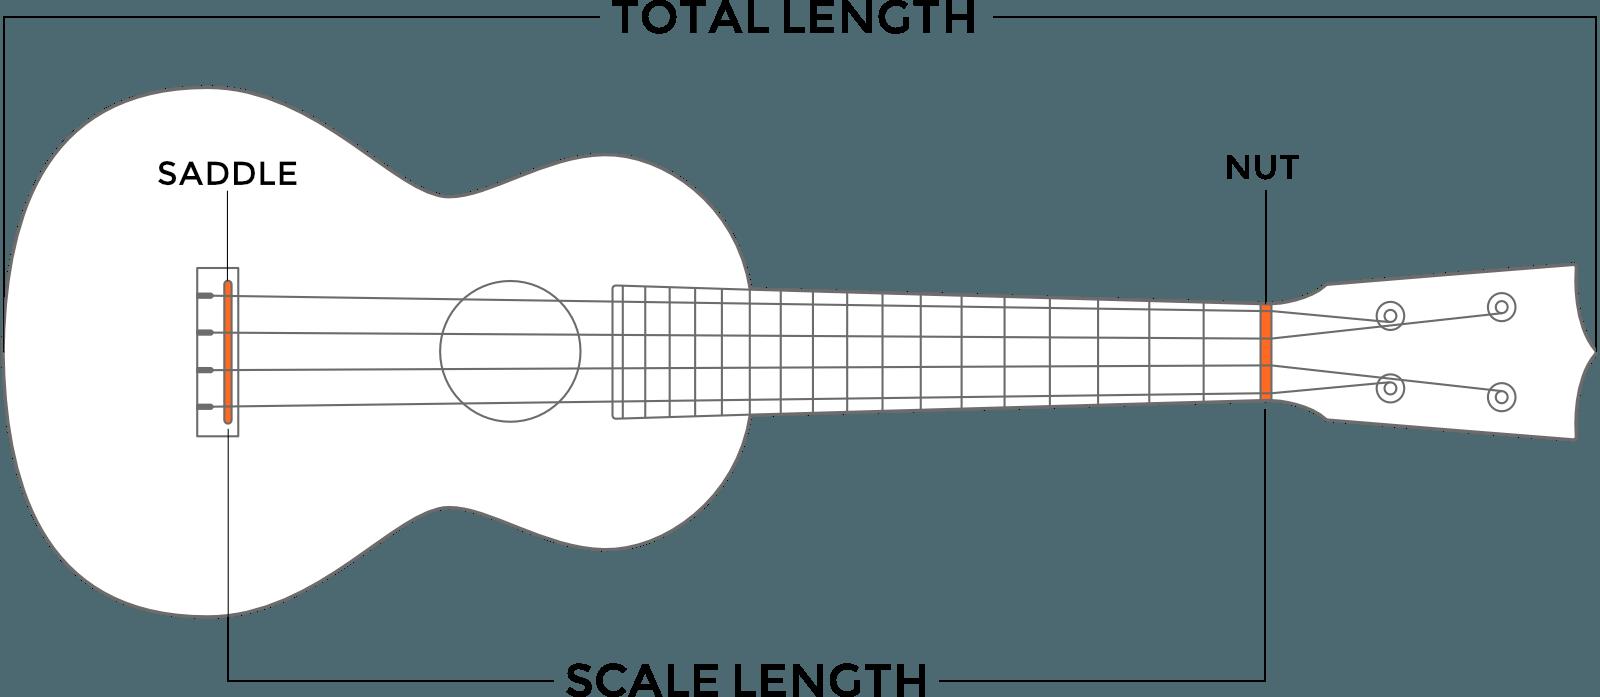 Clipart guitar ukelele. Ukuleles sizes whare are